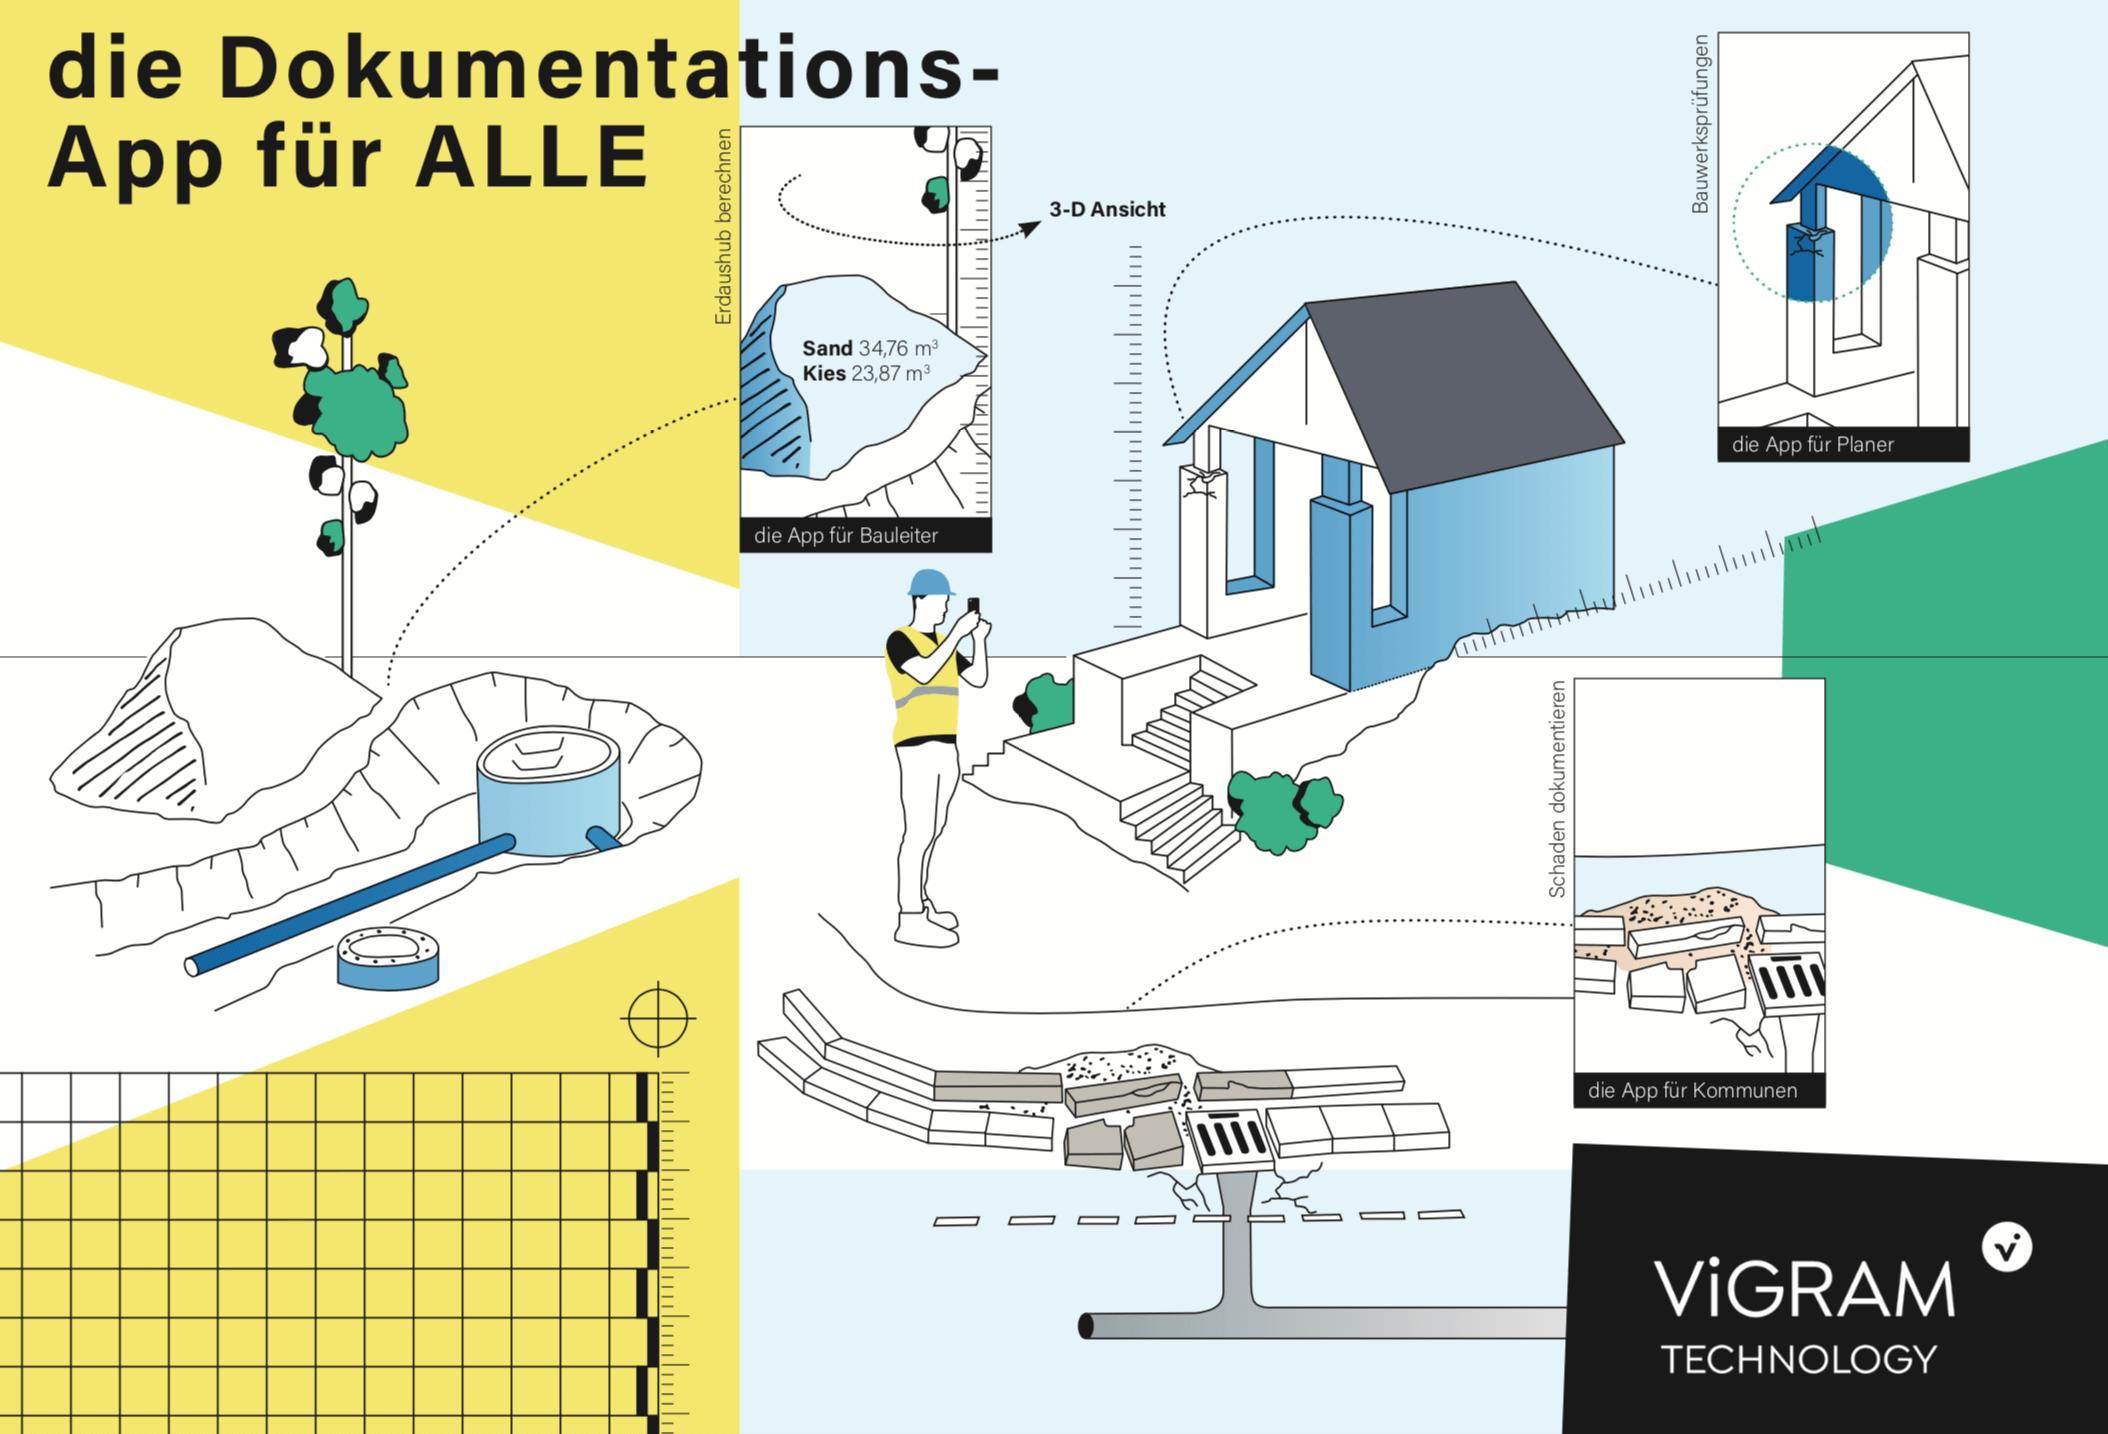 3D-Baustellendokumentation von der Firma Viscan Solutions